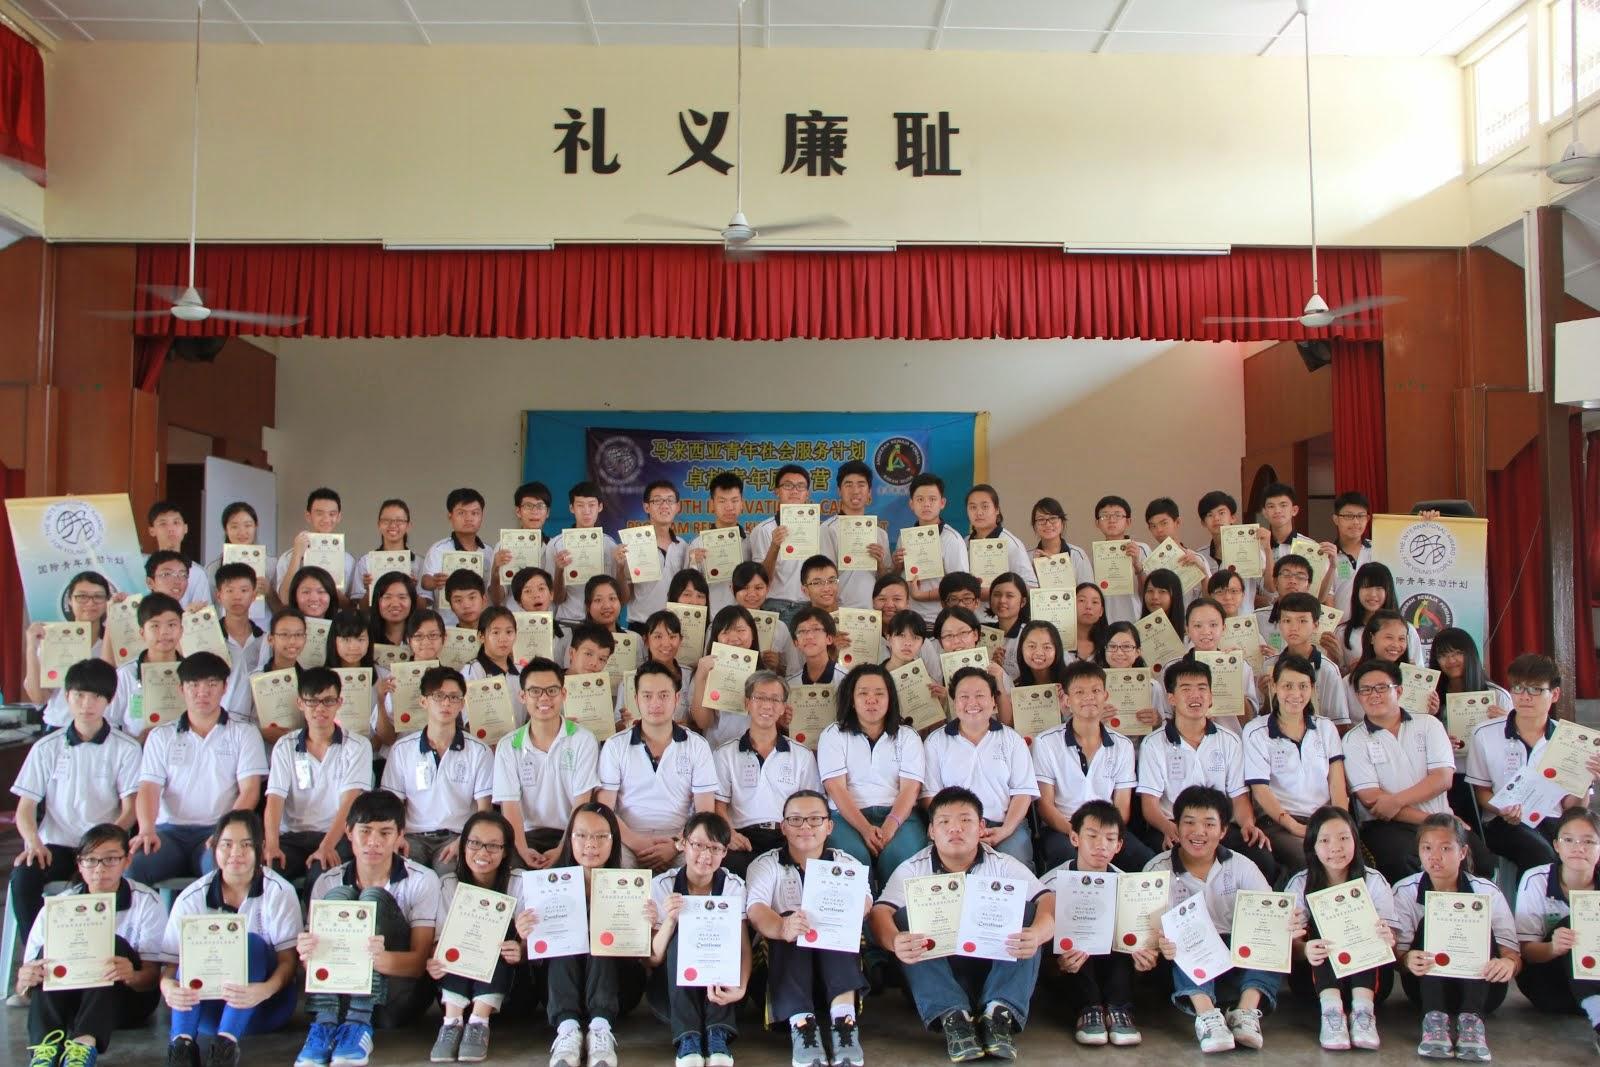 第十一期卓越青年励志营结业礼大合照7月/2014